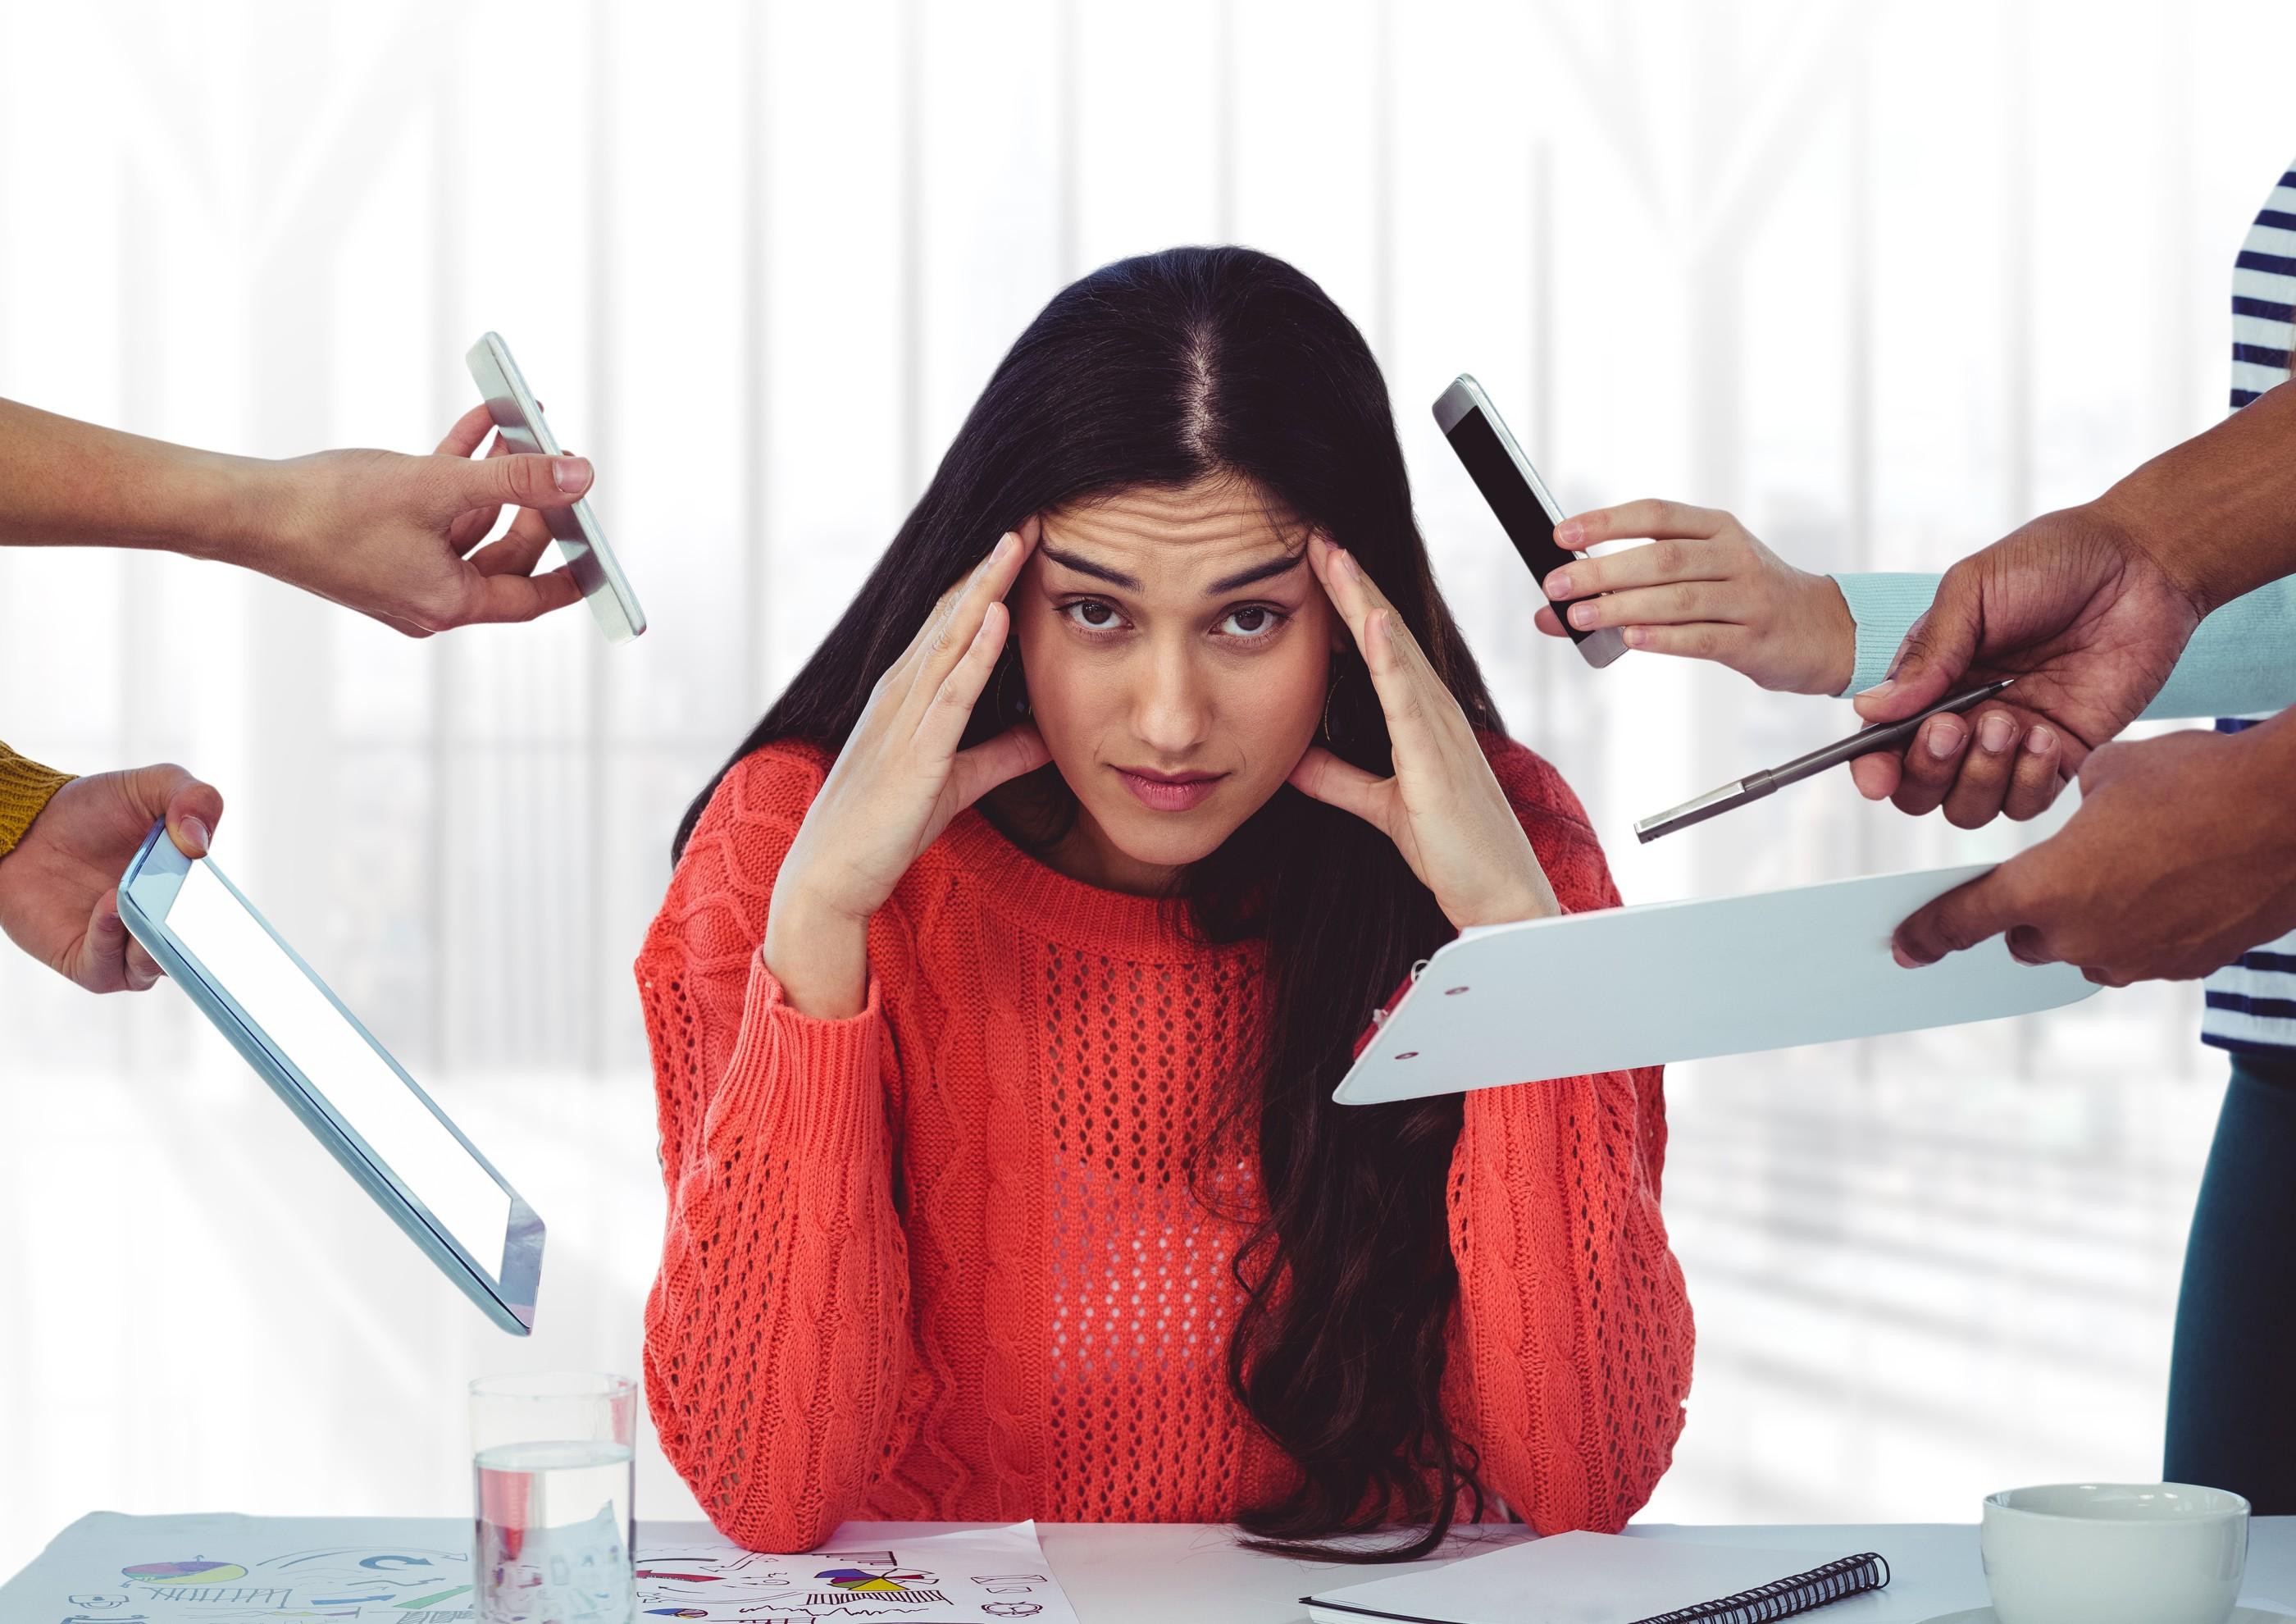 Obrázek: Jste nervózní, naštvaní či vystrašení? Telefony nám kazí náladu, potvrdila studie